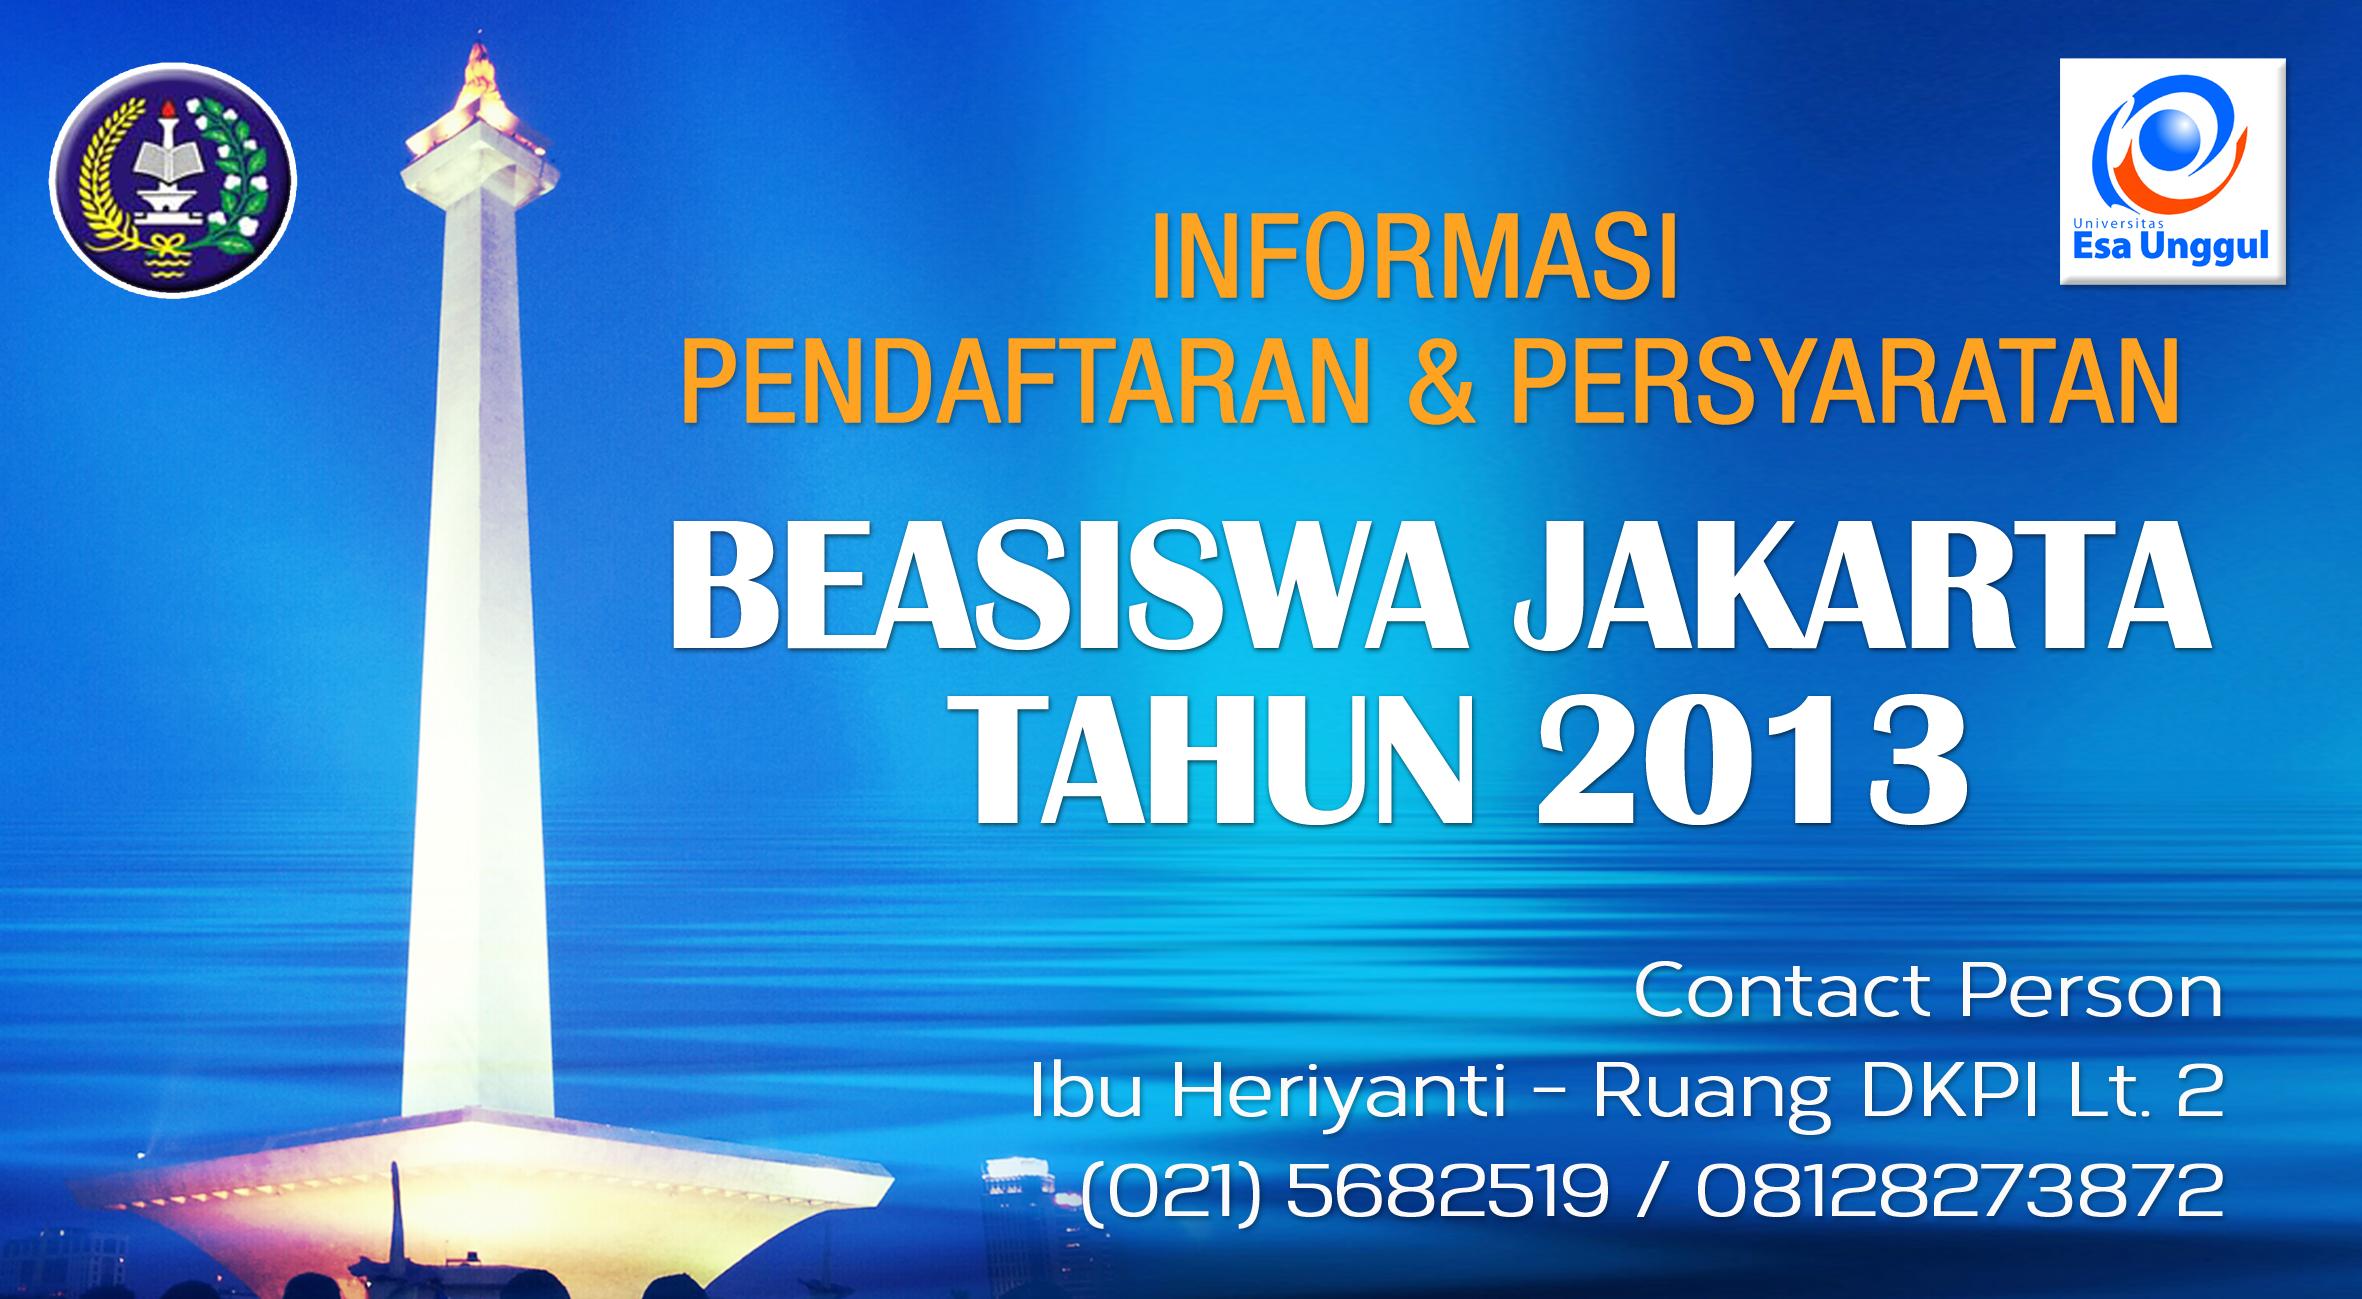 Pendaftaran dan Persyaratan Beasiswa Jakarta 2013 bagi Mahasiswa Universitas Esa Unggul